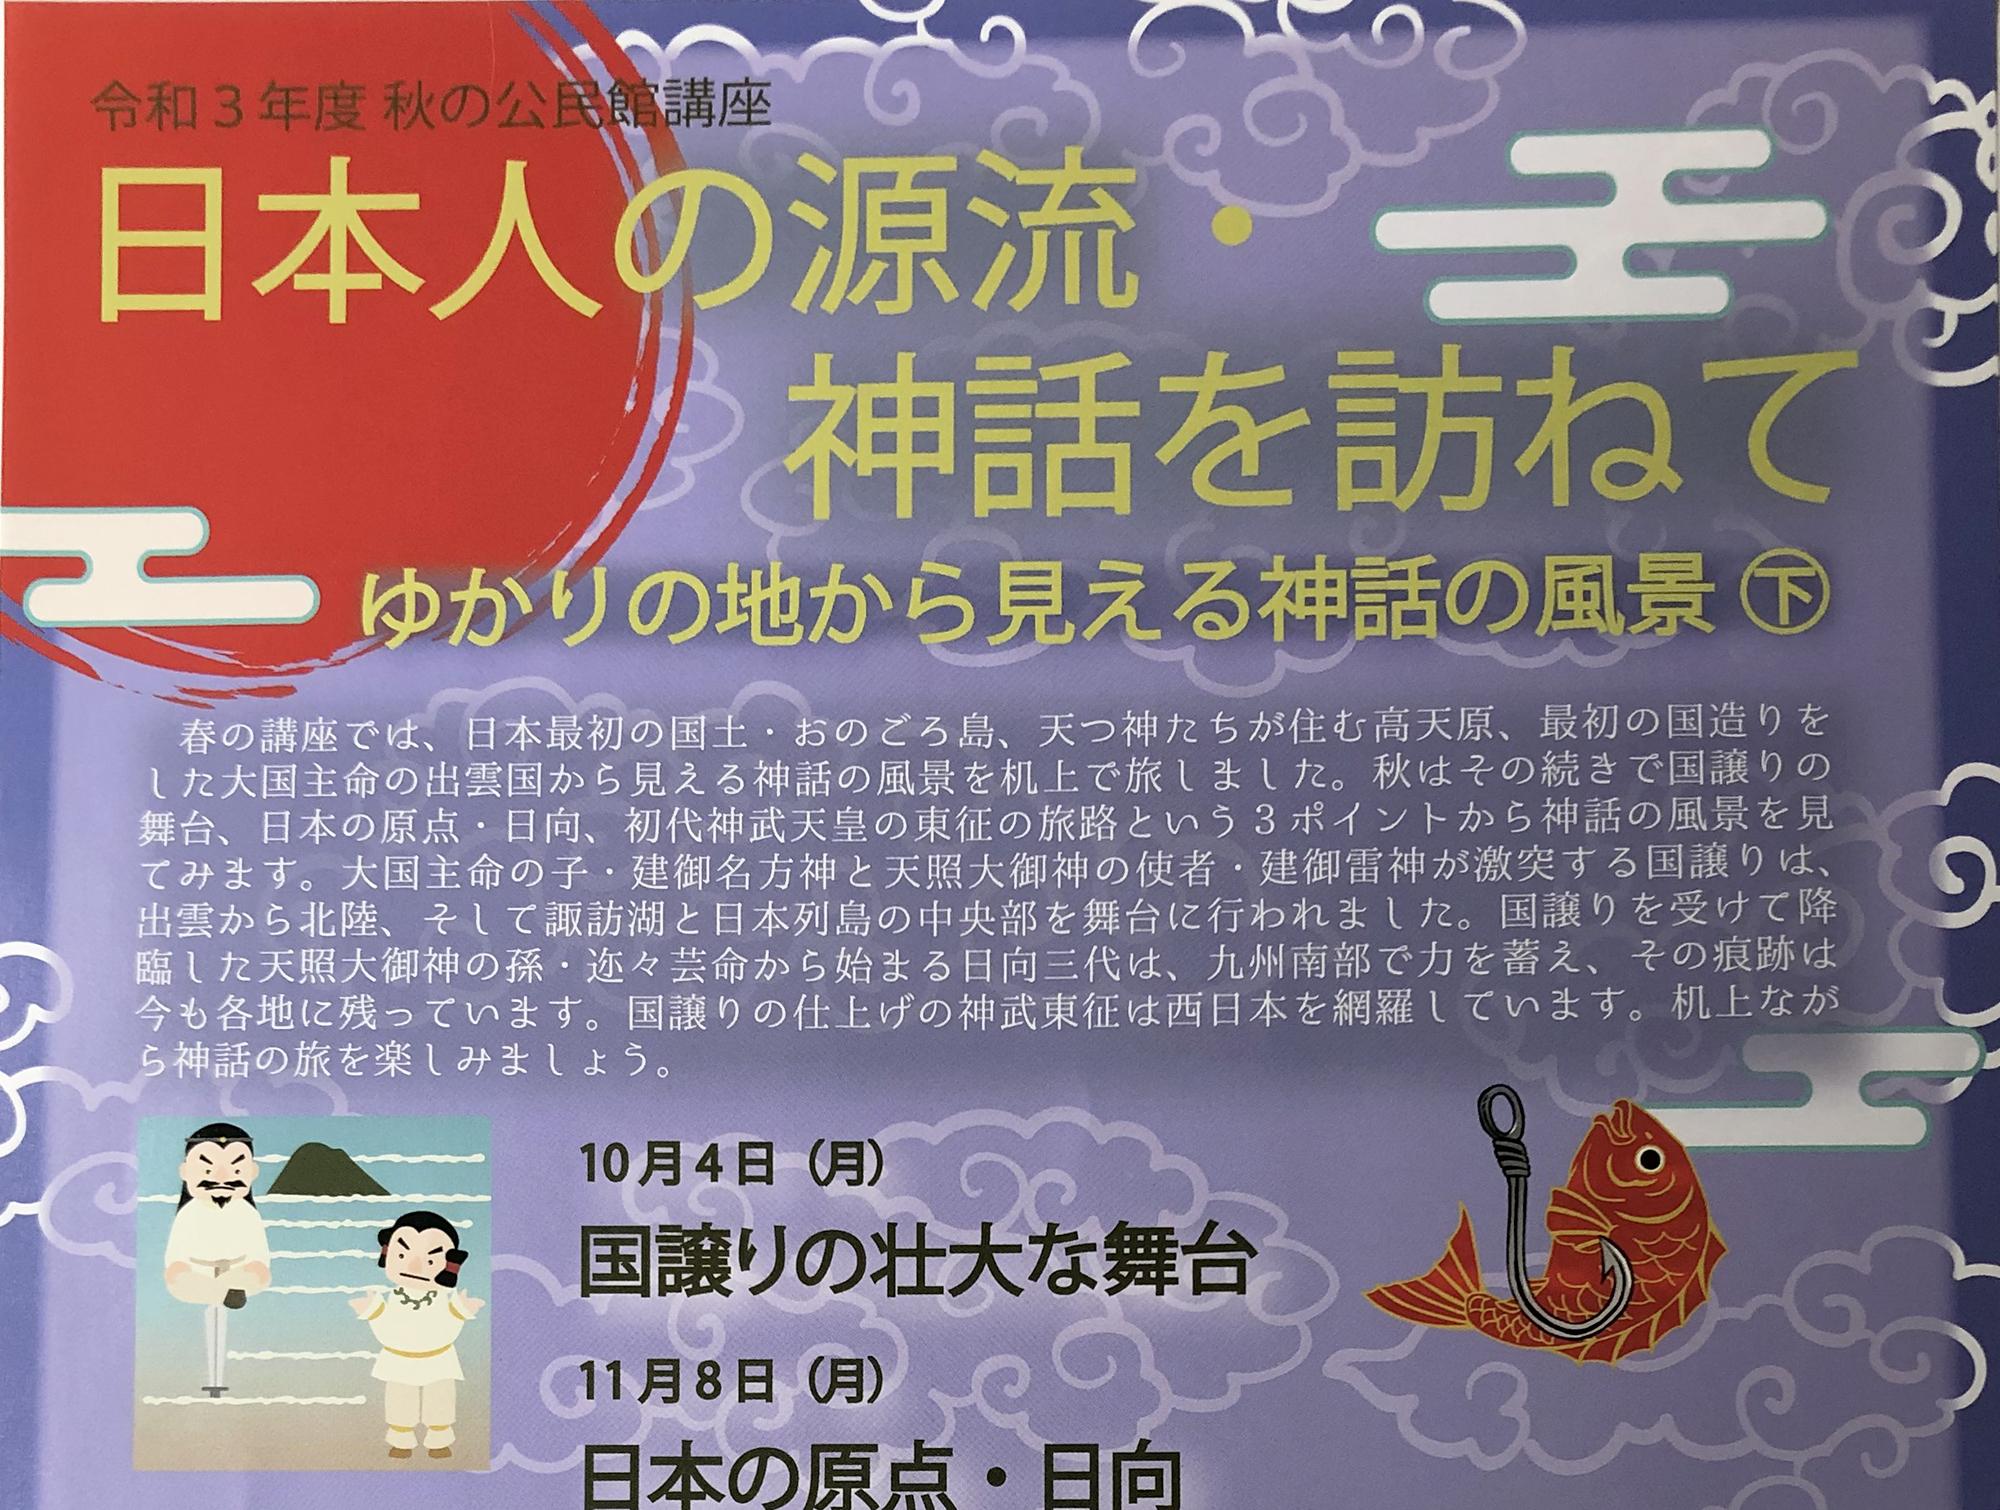 令和3年度 秋の公民館講座 日本人の源流・神話を訪ねて(下)